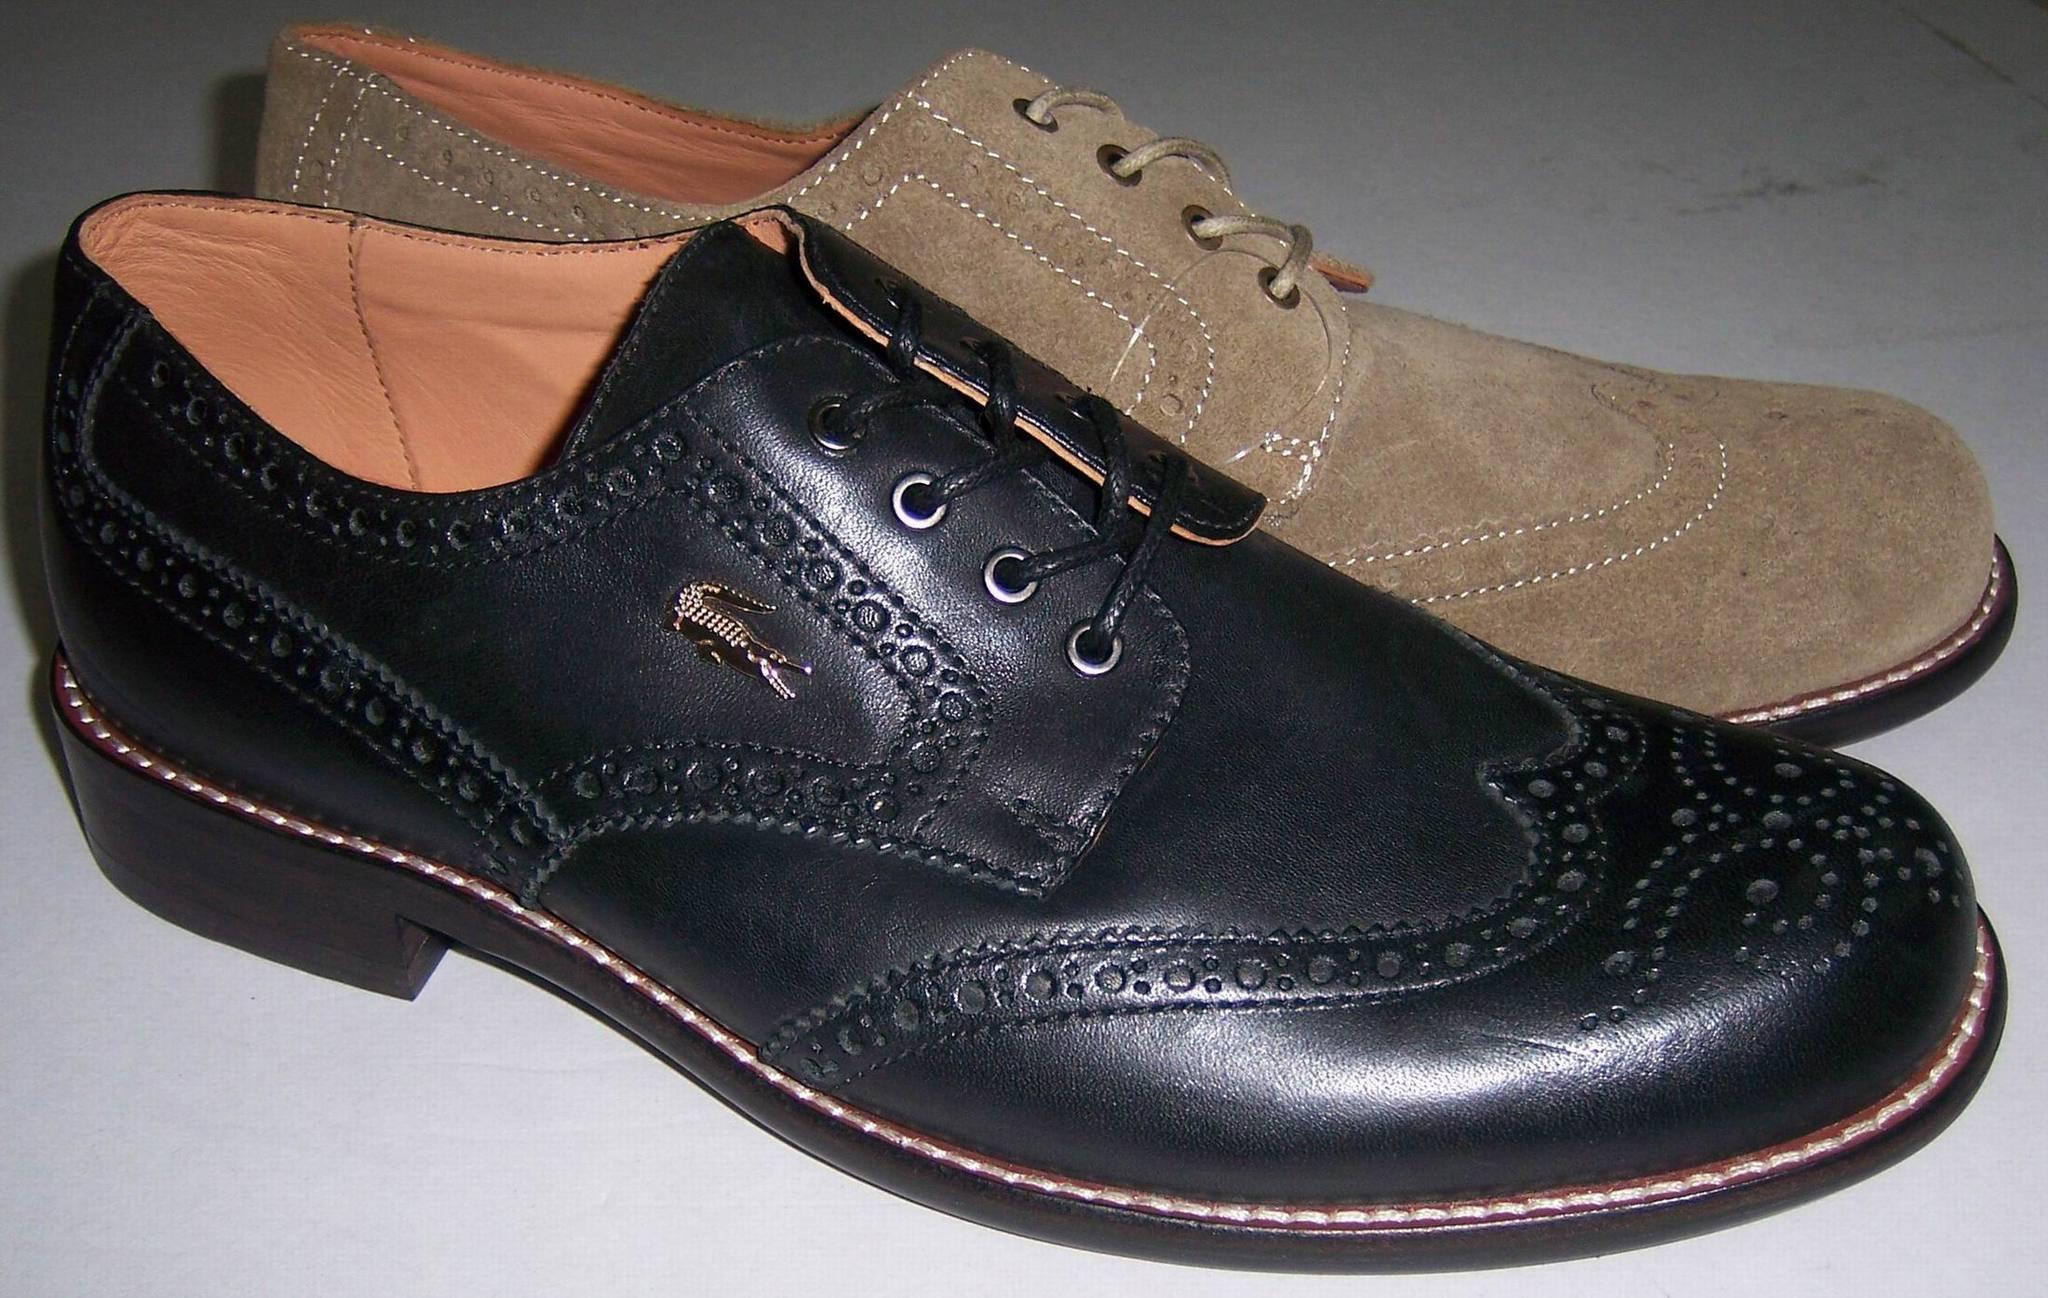 Демисезонные ботинки Lacoste La*o*te Европейский и американский стиль Верхний слой из натуральной кожи Круглый носок Шнурок